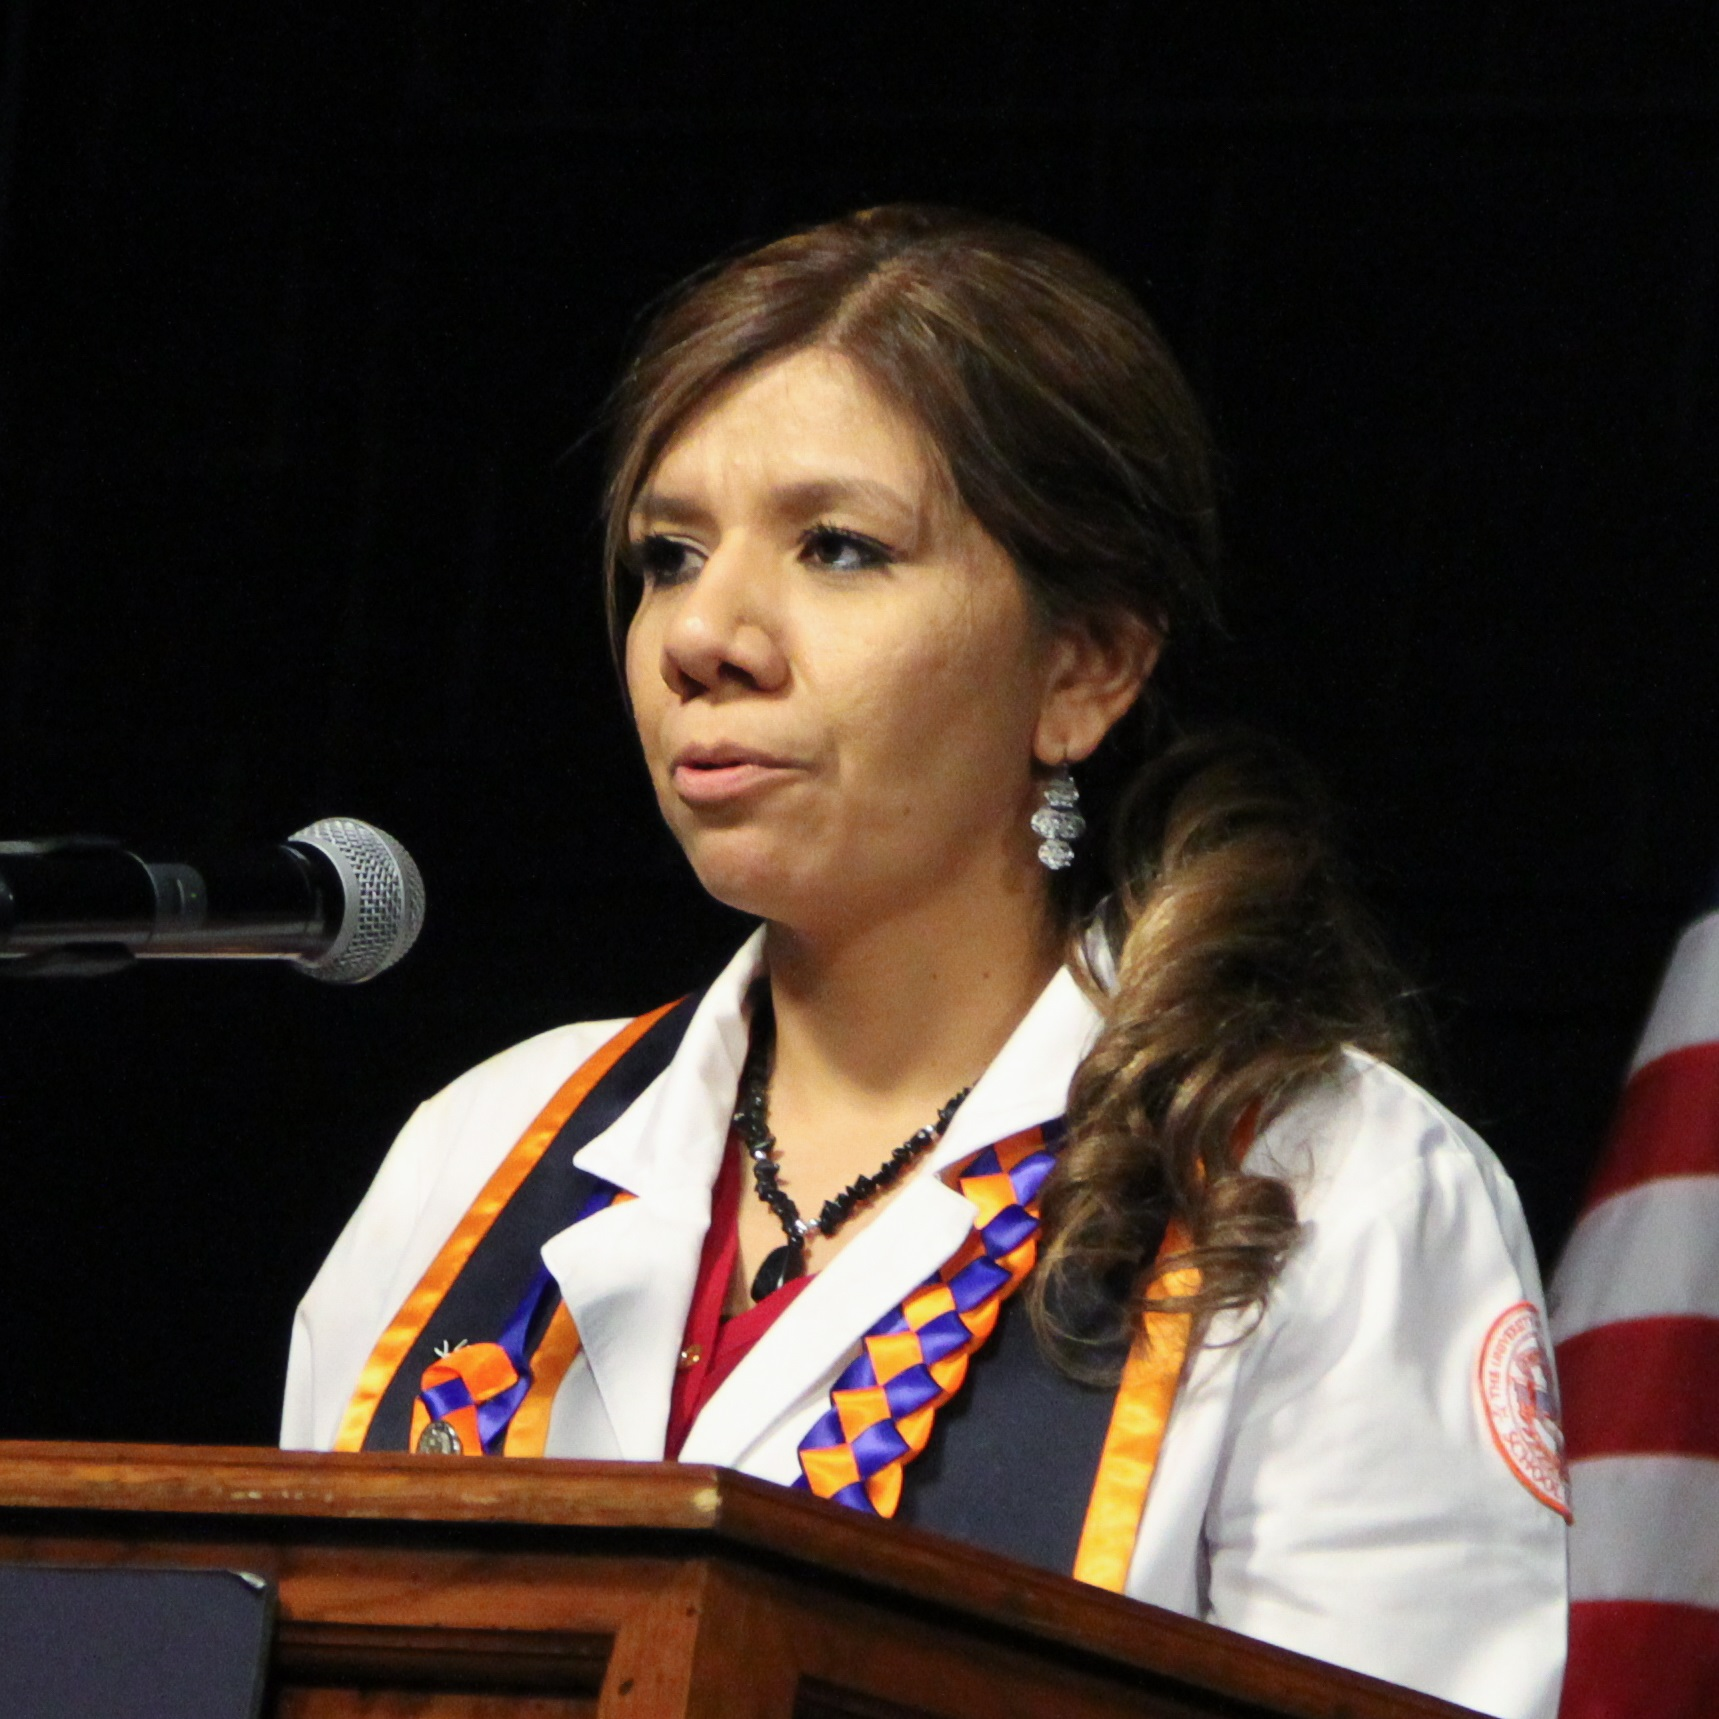 Gricelda Morales